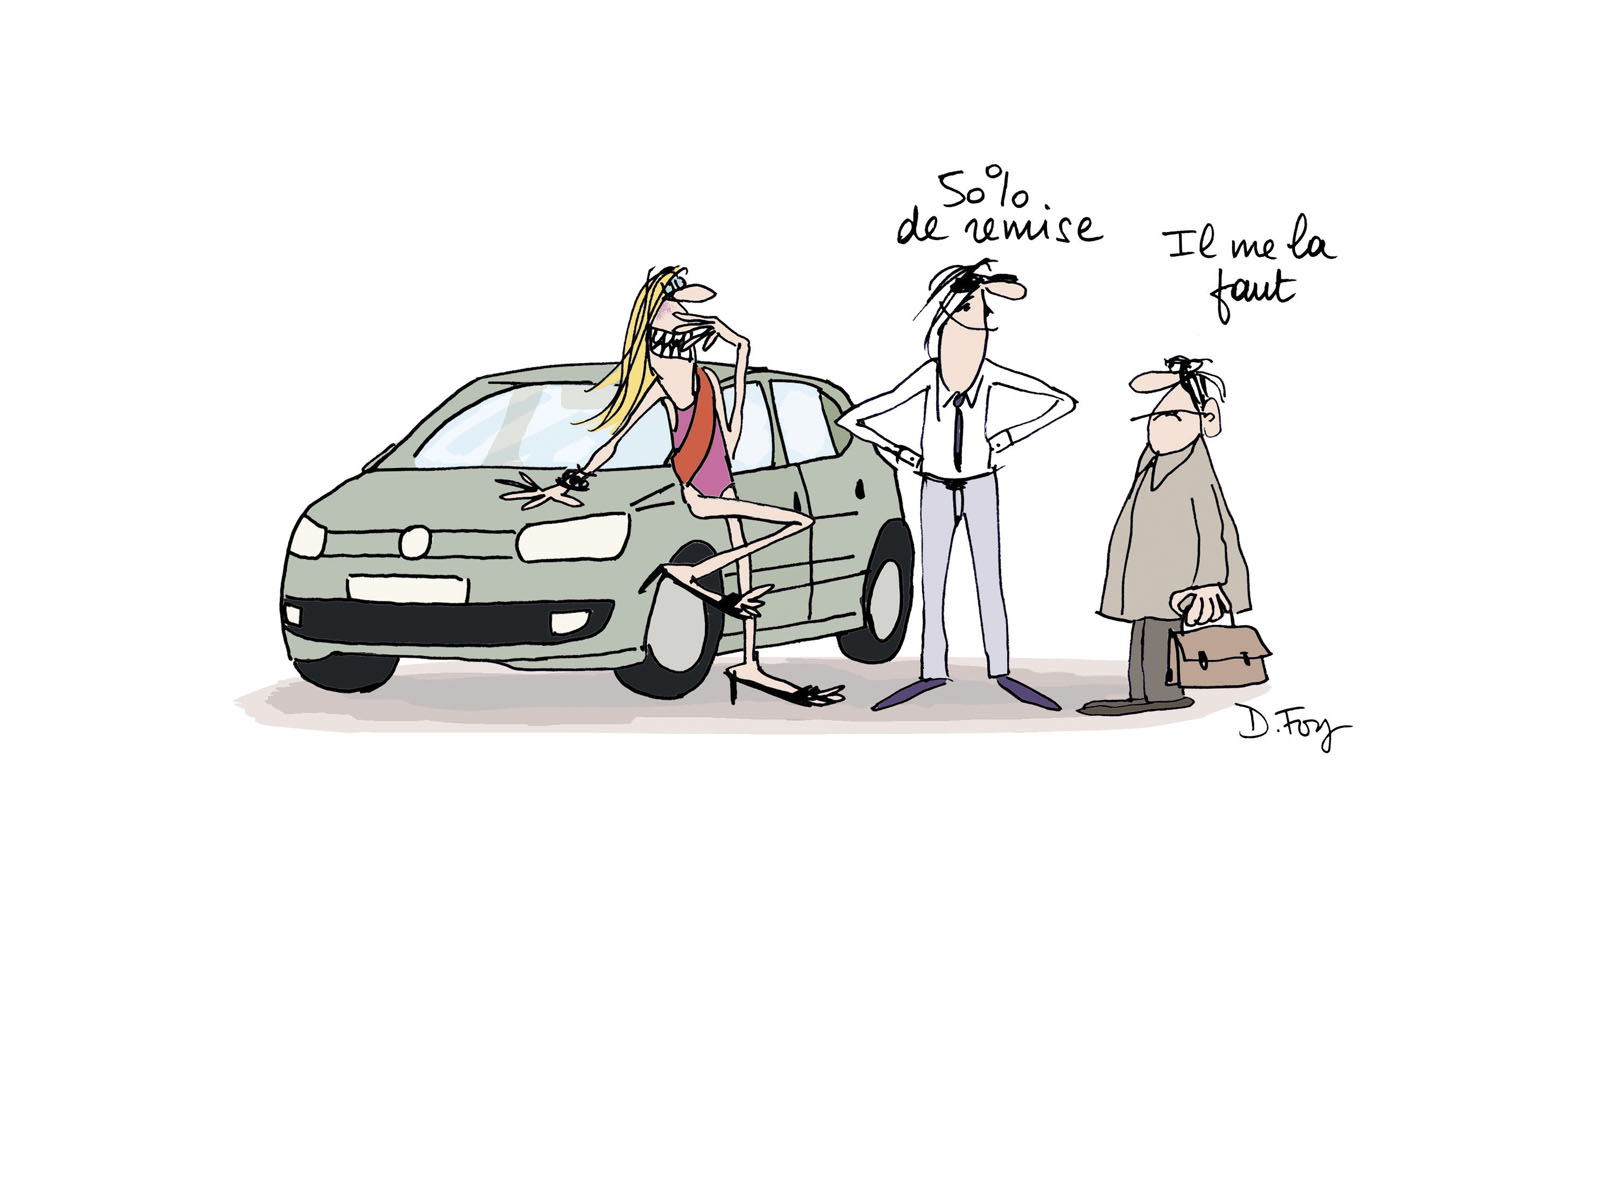 illustrations-dominiquefoy-3902